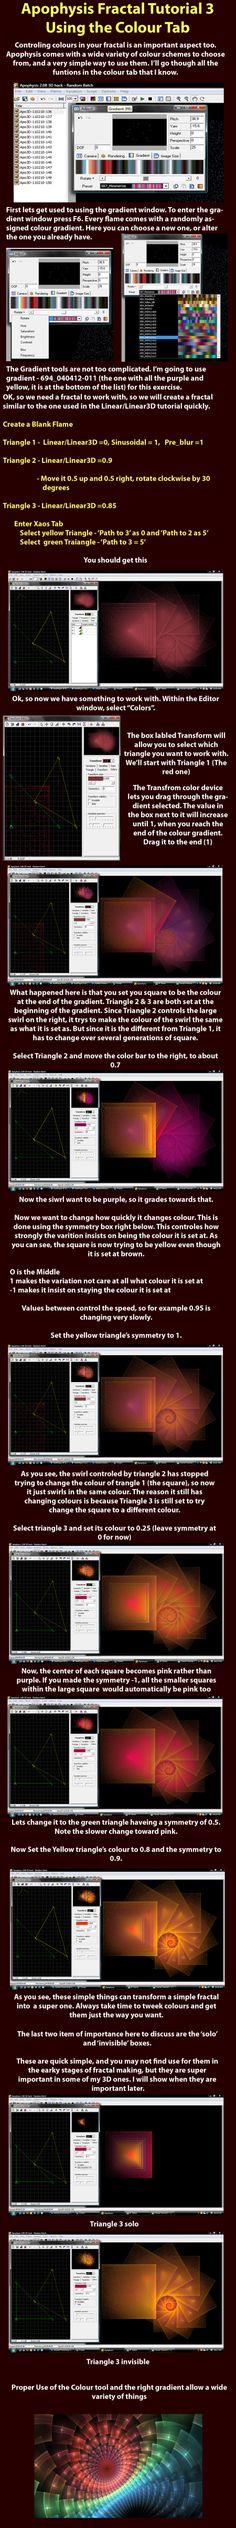 JP-Talma Apophysis Tutorial 3 by JP-Talma on deviantART